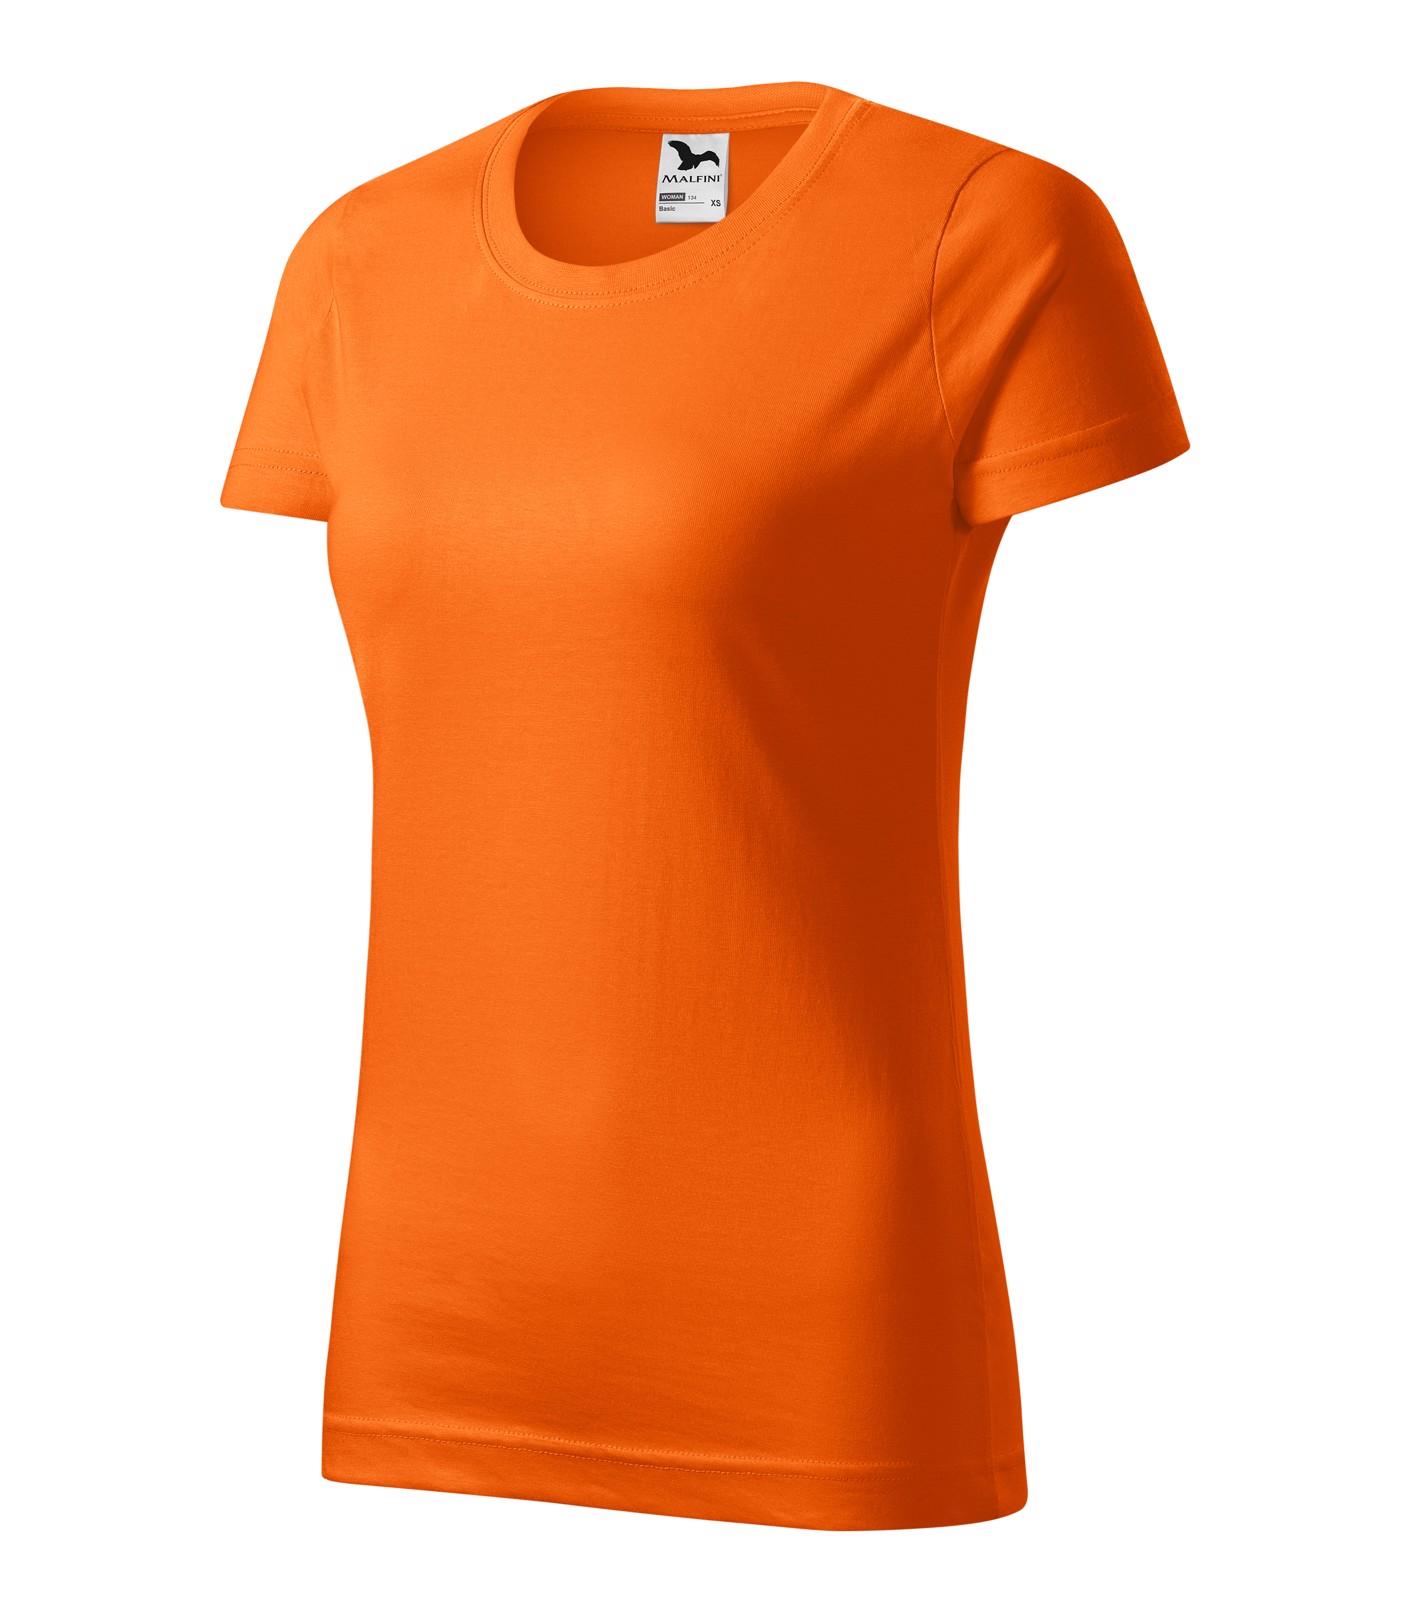 Tričko dámské Malfini Basic - Oranžová / XS